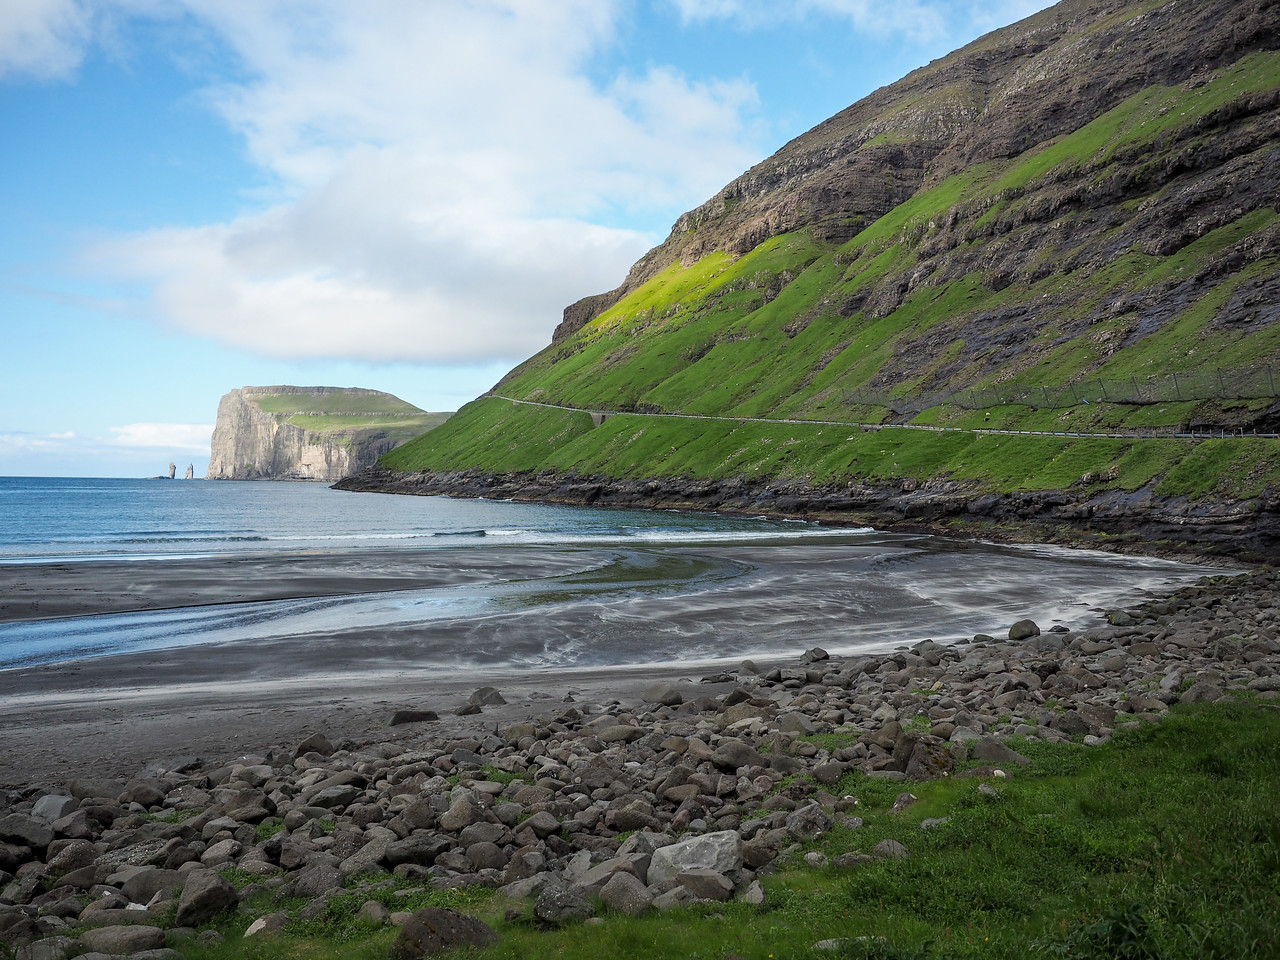 Beach in Tjørnuvík